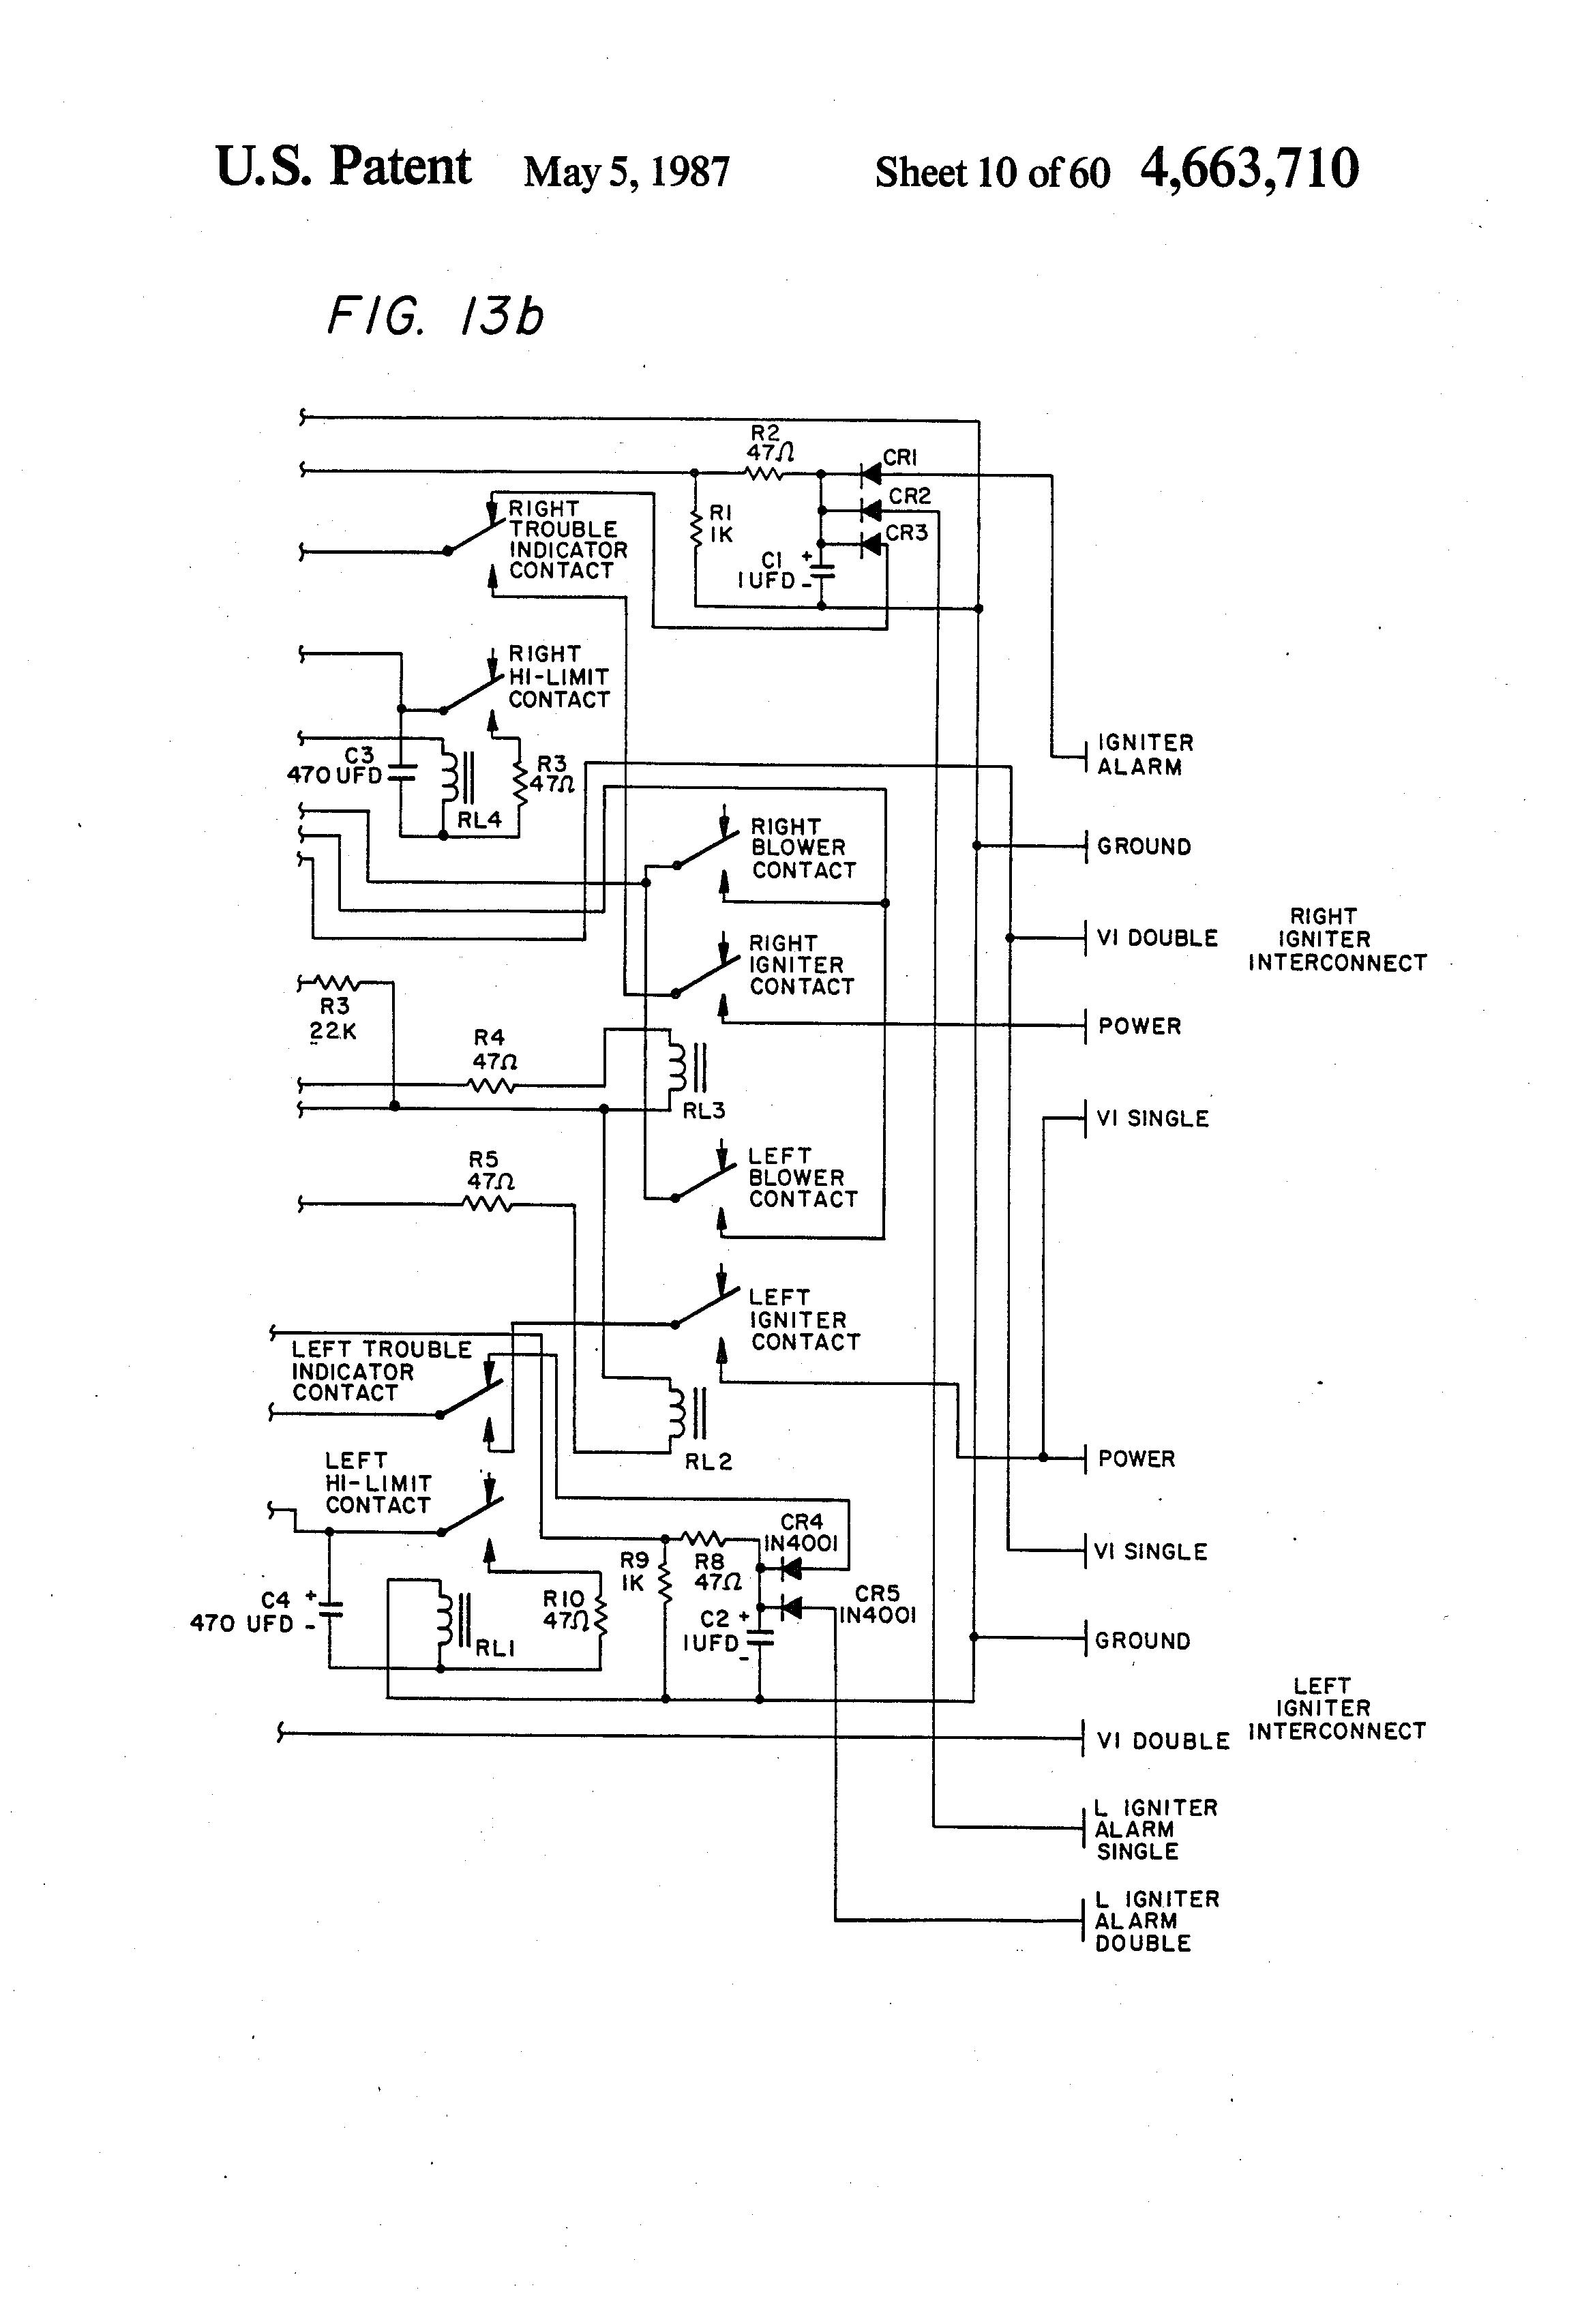 Imperial Deep Fryer Wiring Diagram : 34 Wiring Diagram